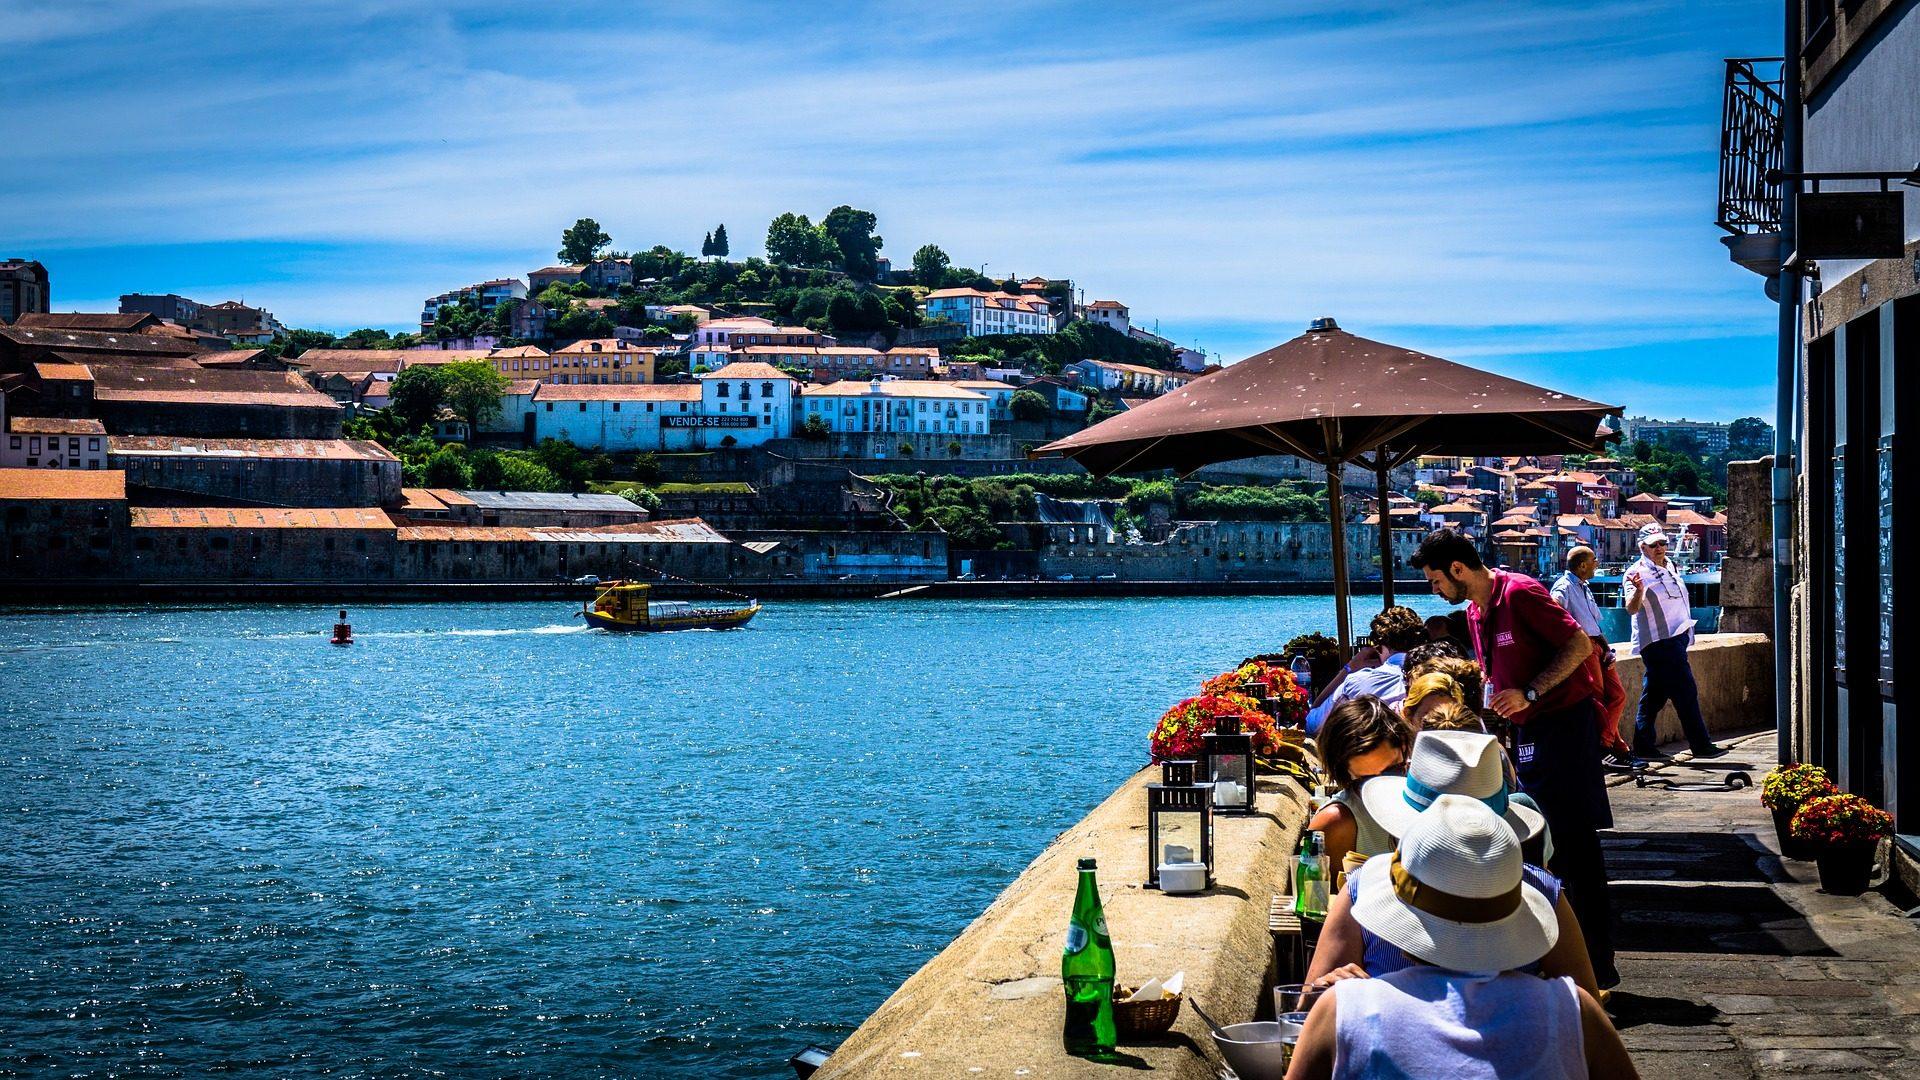 paseo, río, pueblo, comer, turismo, porto, portugal - Fondos de Pantalla HD - professor-falken.com